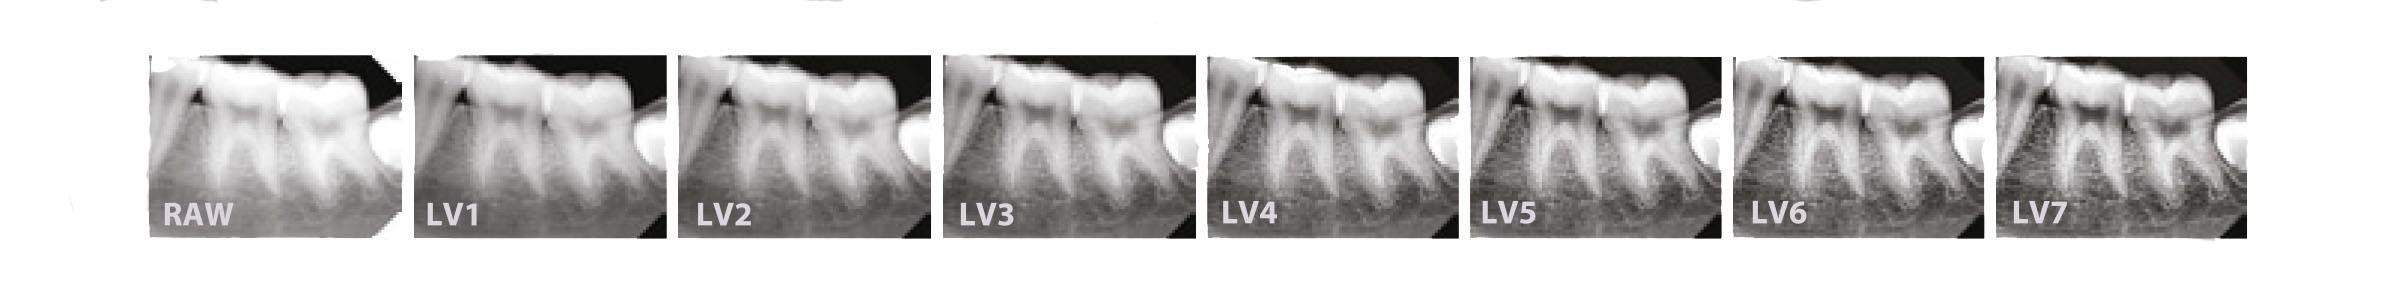 Nuestro captador intraoral EzSensor HD aplica nuevos filtros de contraste